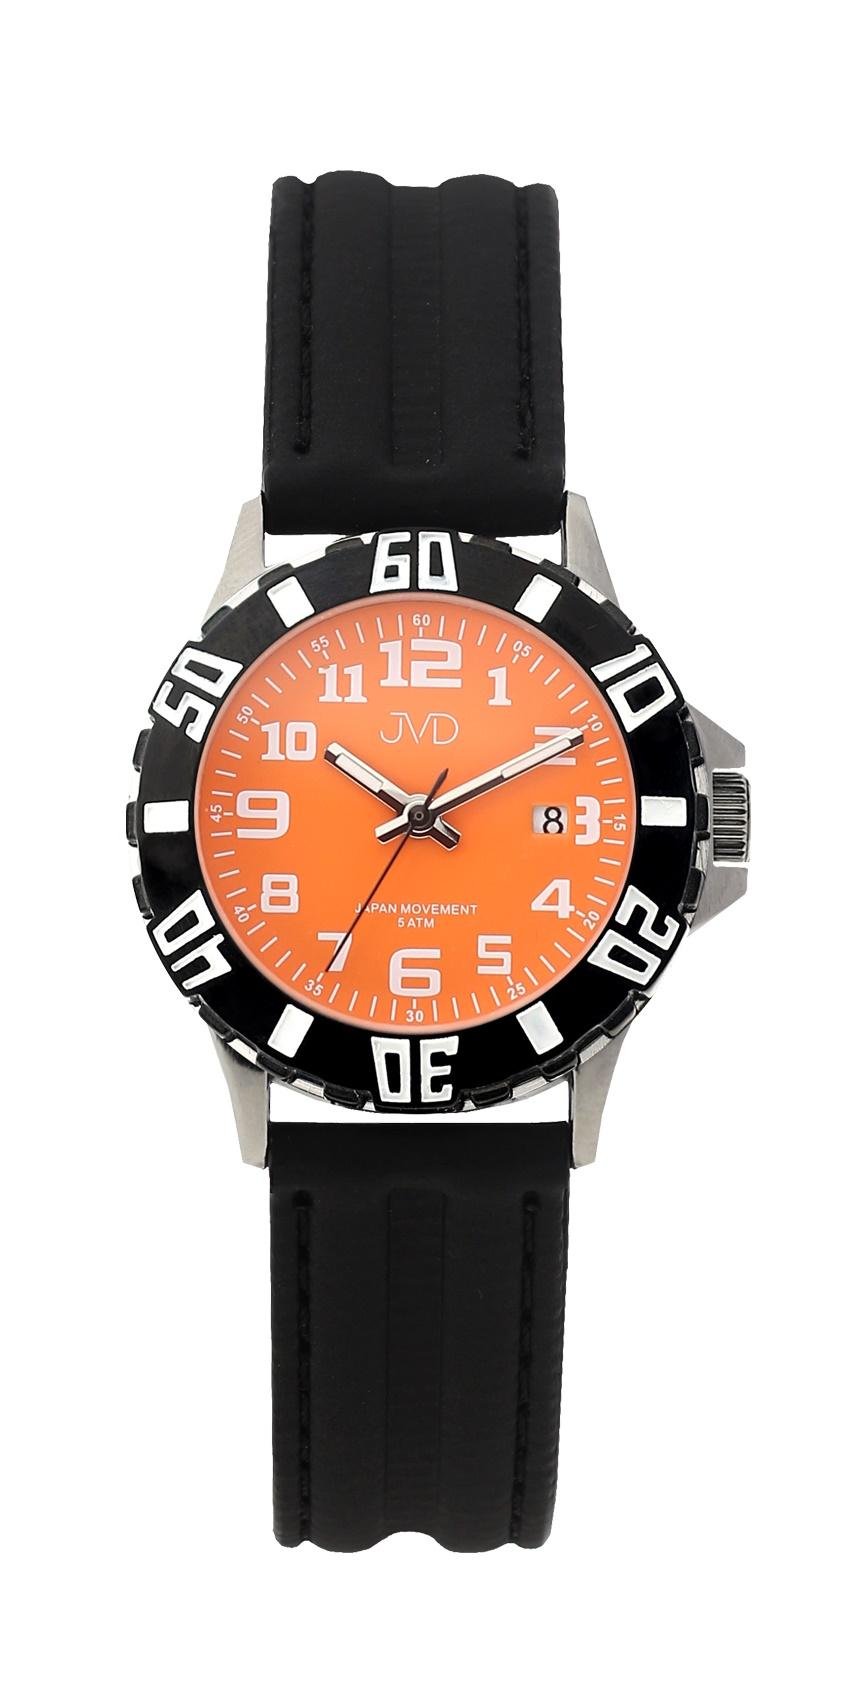 Černé chlapecké vodoodolné dětské náramkové hodinky JVD J7176.3 (oranžový číselník)